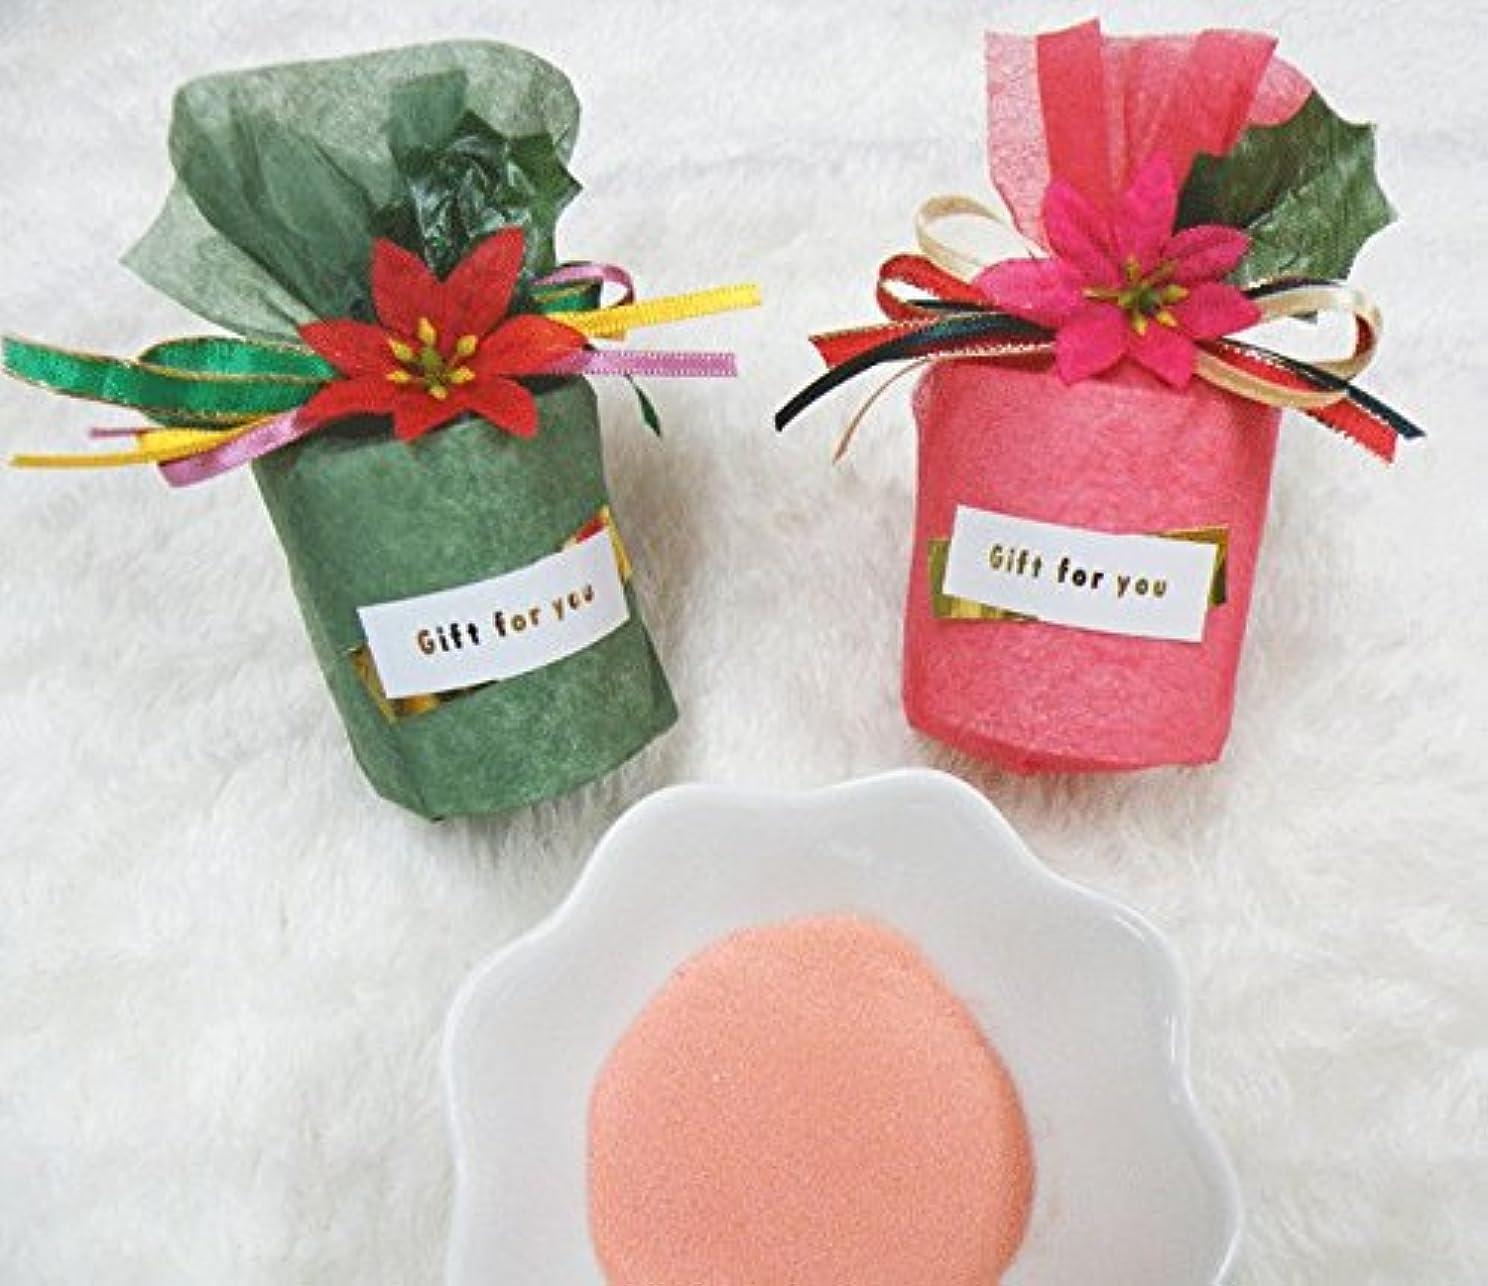 デザイナー醜いチャップポインセチア付きピンクのバスソルトのプチギフト【クリスマス パーティ 結婚式 二次会 入浴剤】